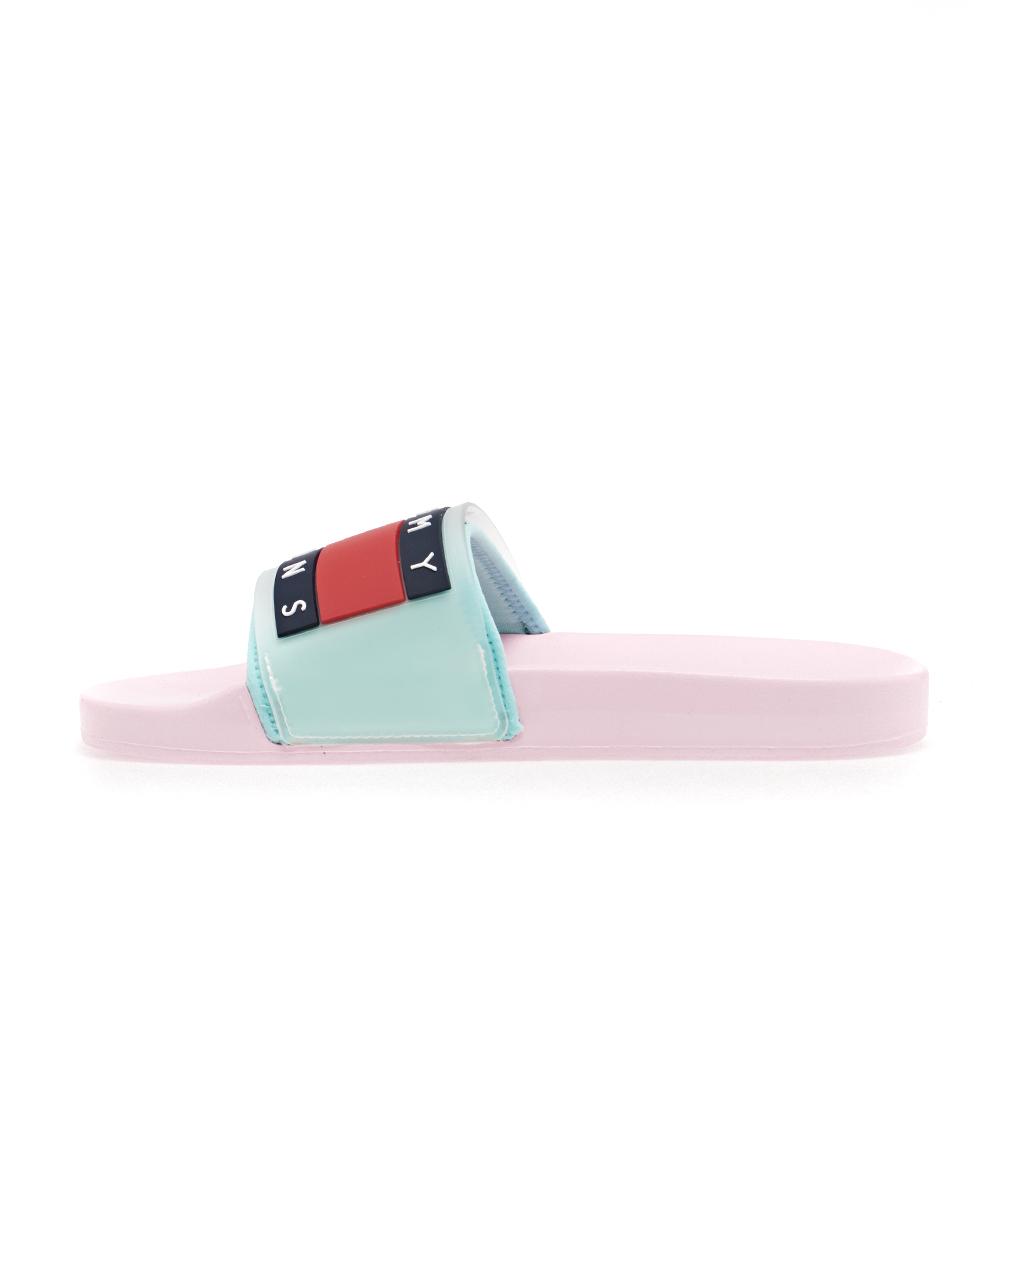 Tommy Hilfiger Translucent Flag Pool Sliders Pink Mist